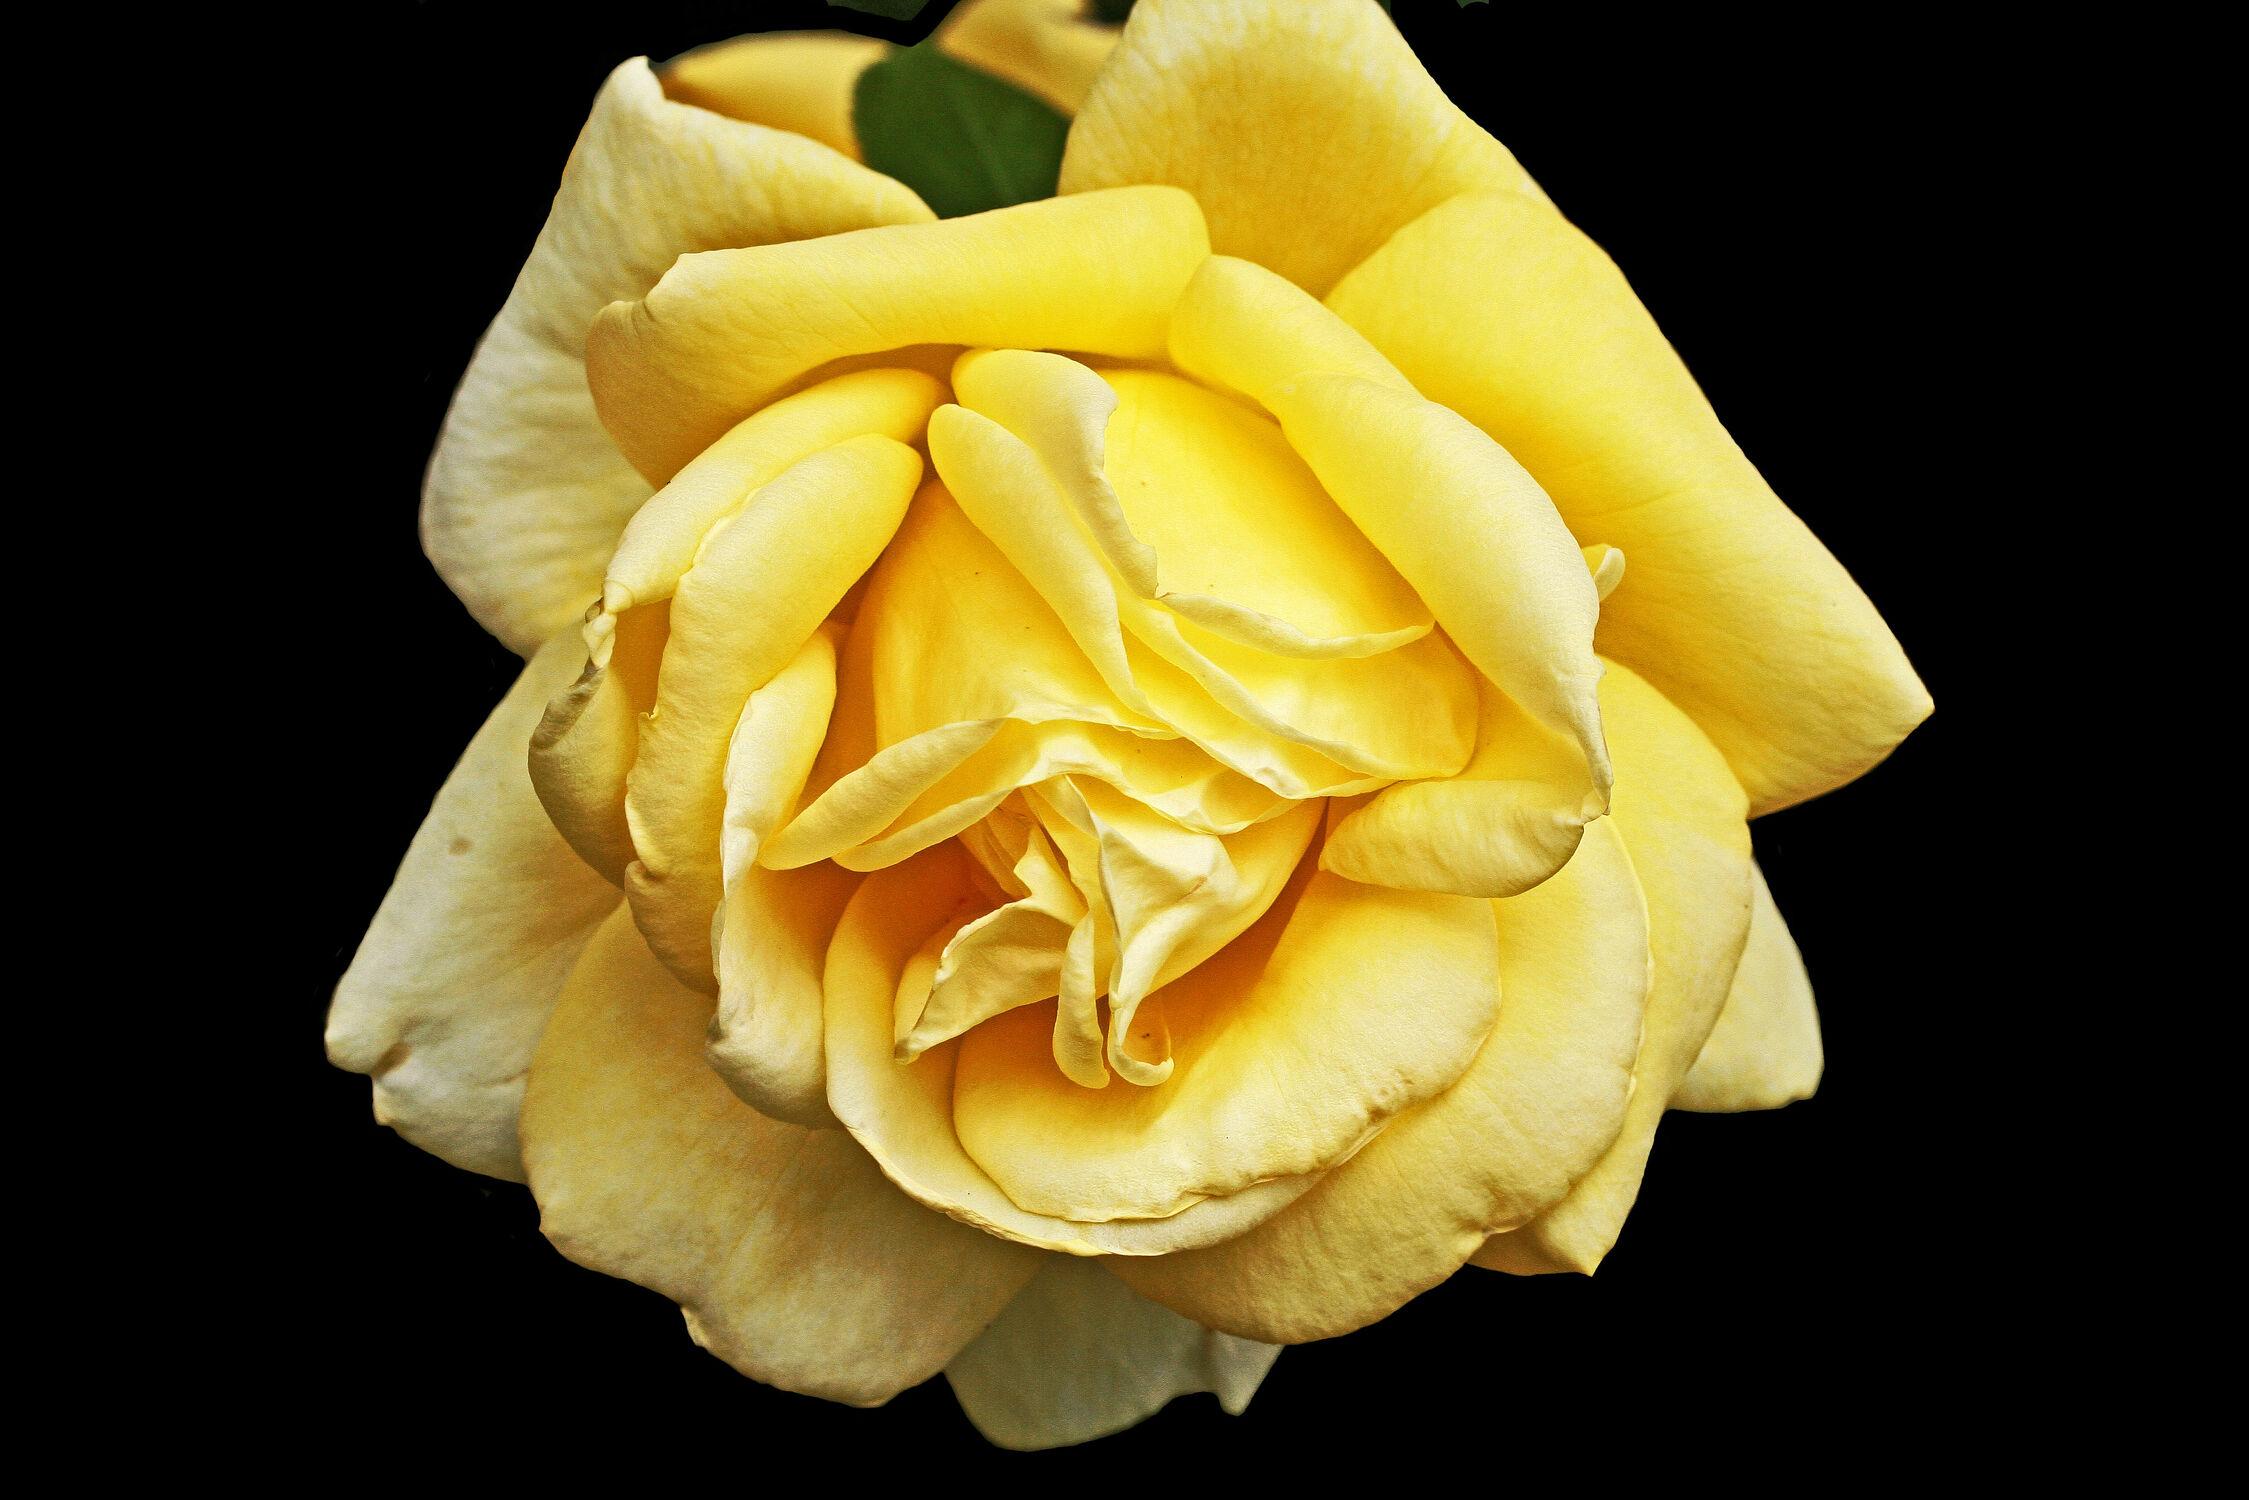 Bild mit Gelb, Pflanzen, Blumen, Rosen, Blume, Pflanze, Rose, Flower